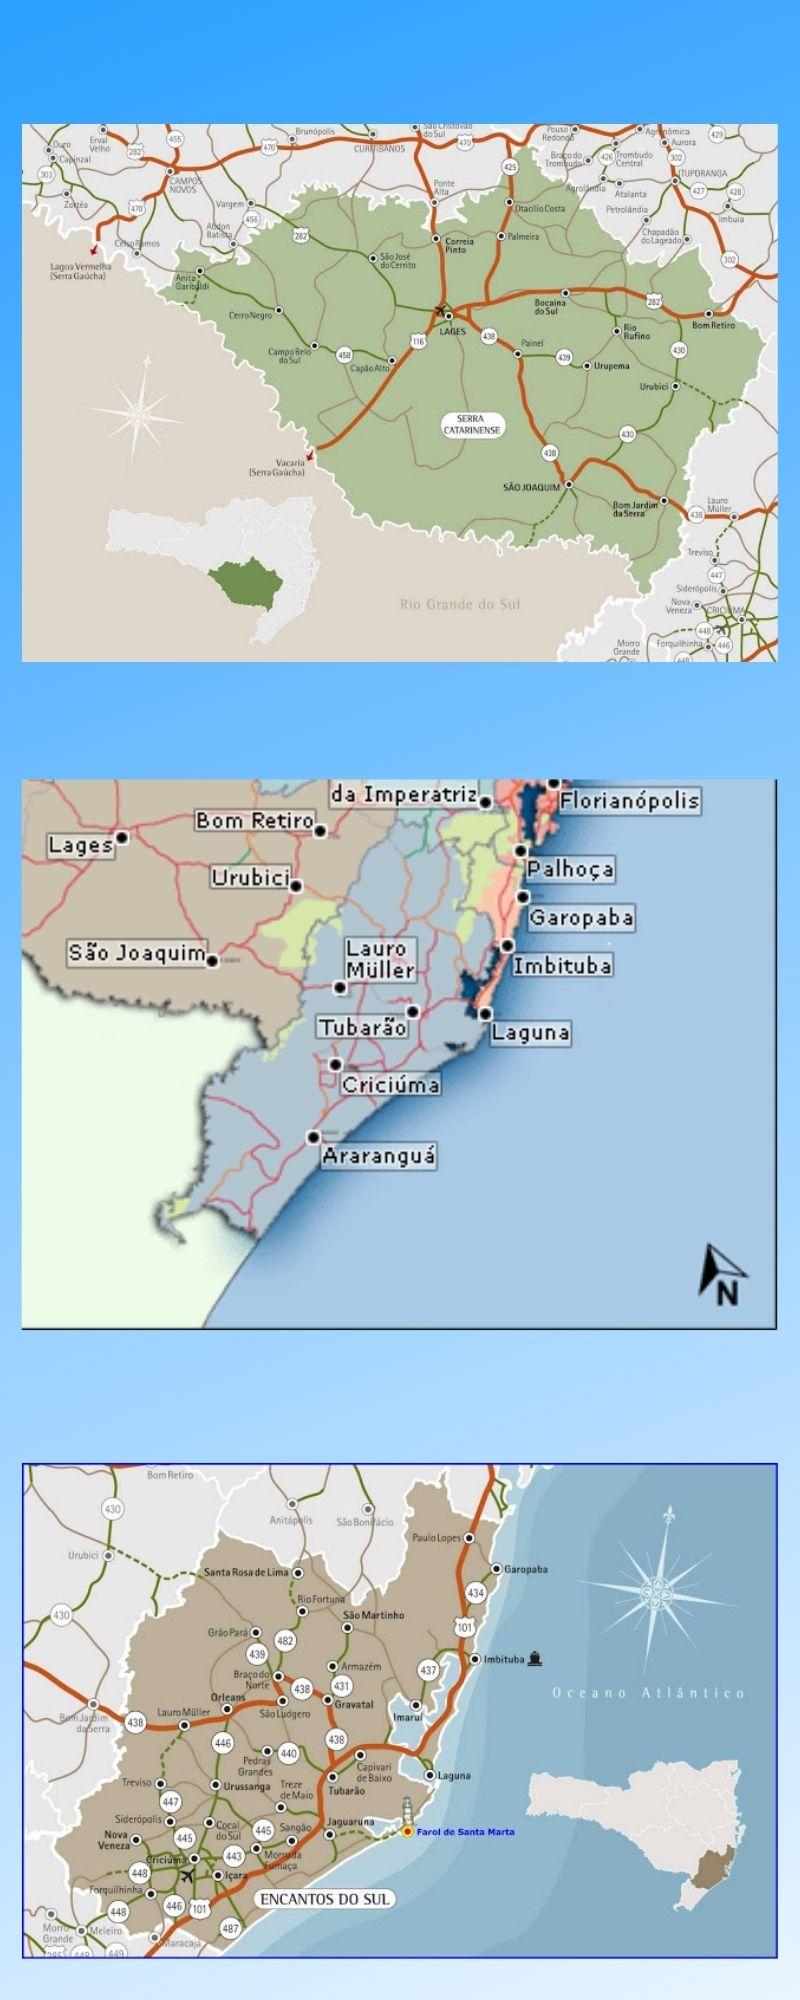 Infográfico Atrações Turísticas de Santa Catarina (Serras Catarinenses e Litoral Sul) 2